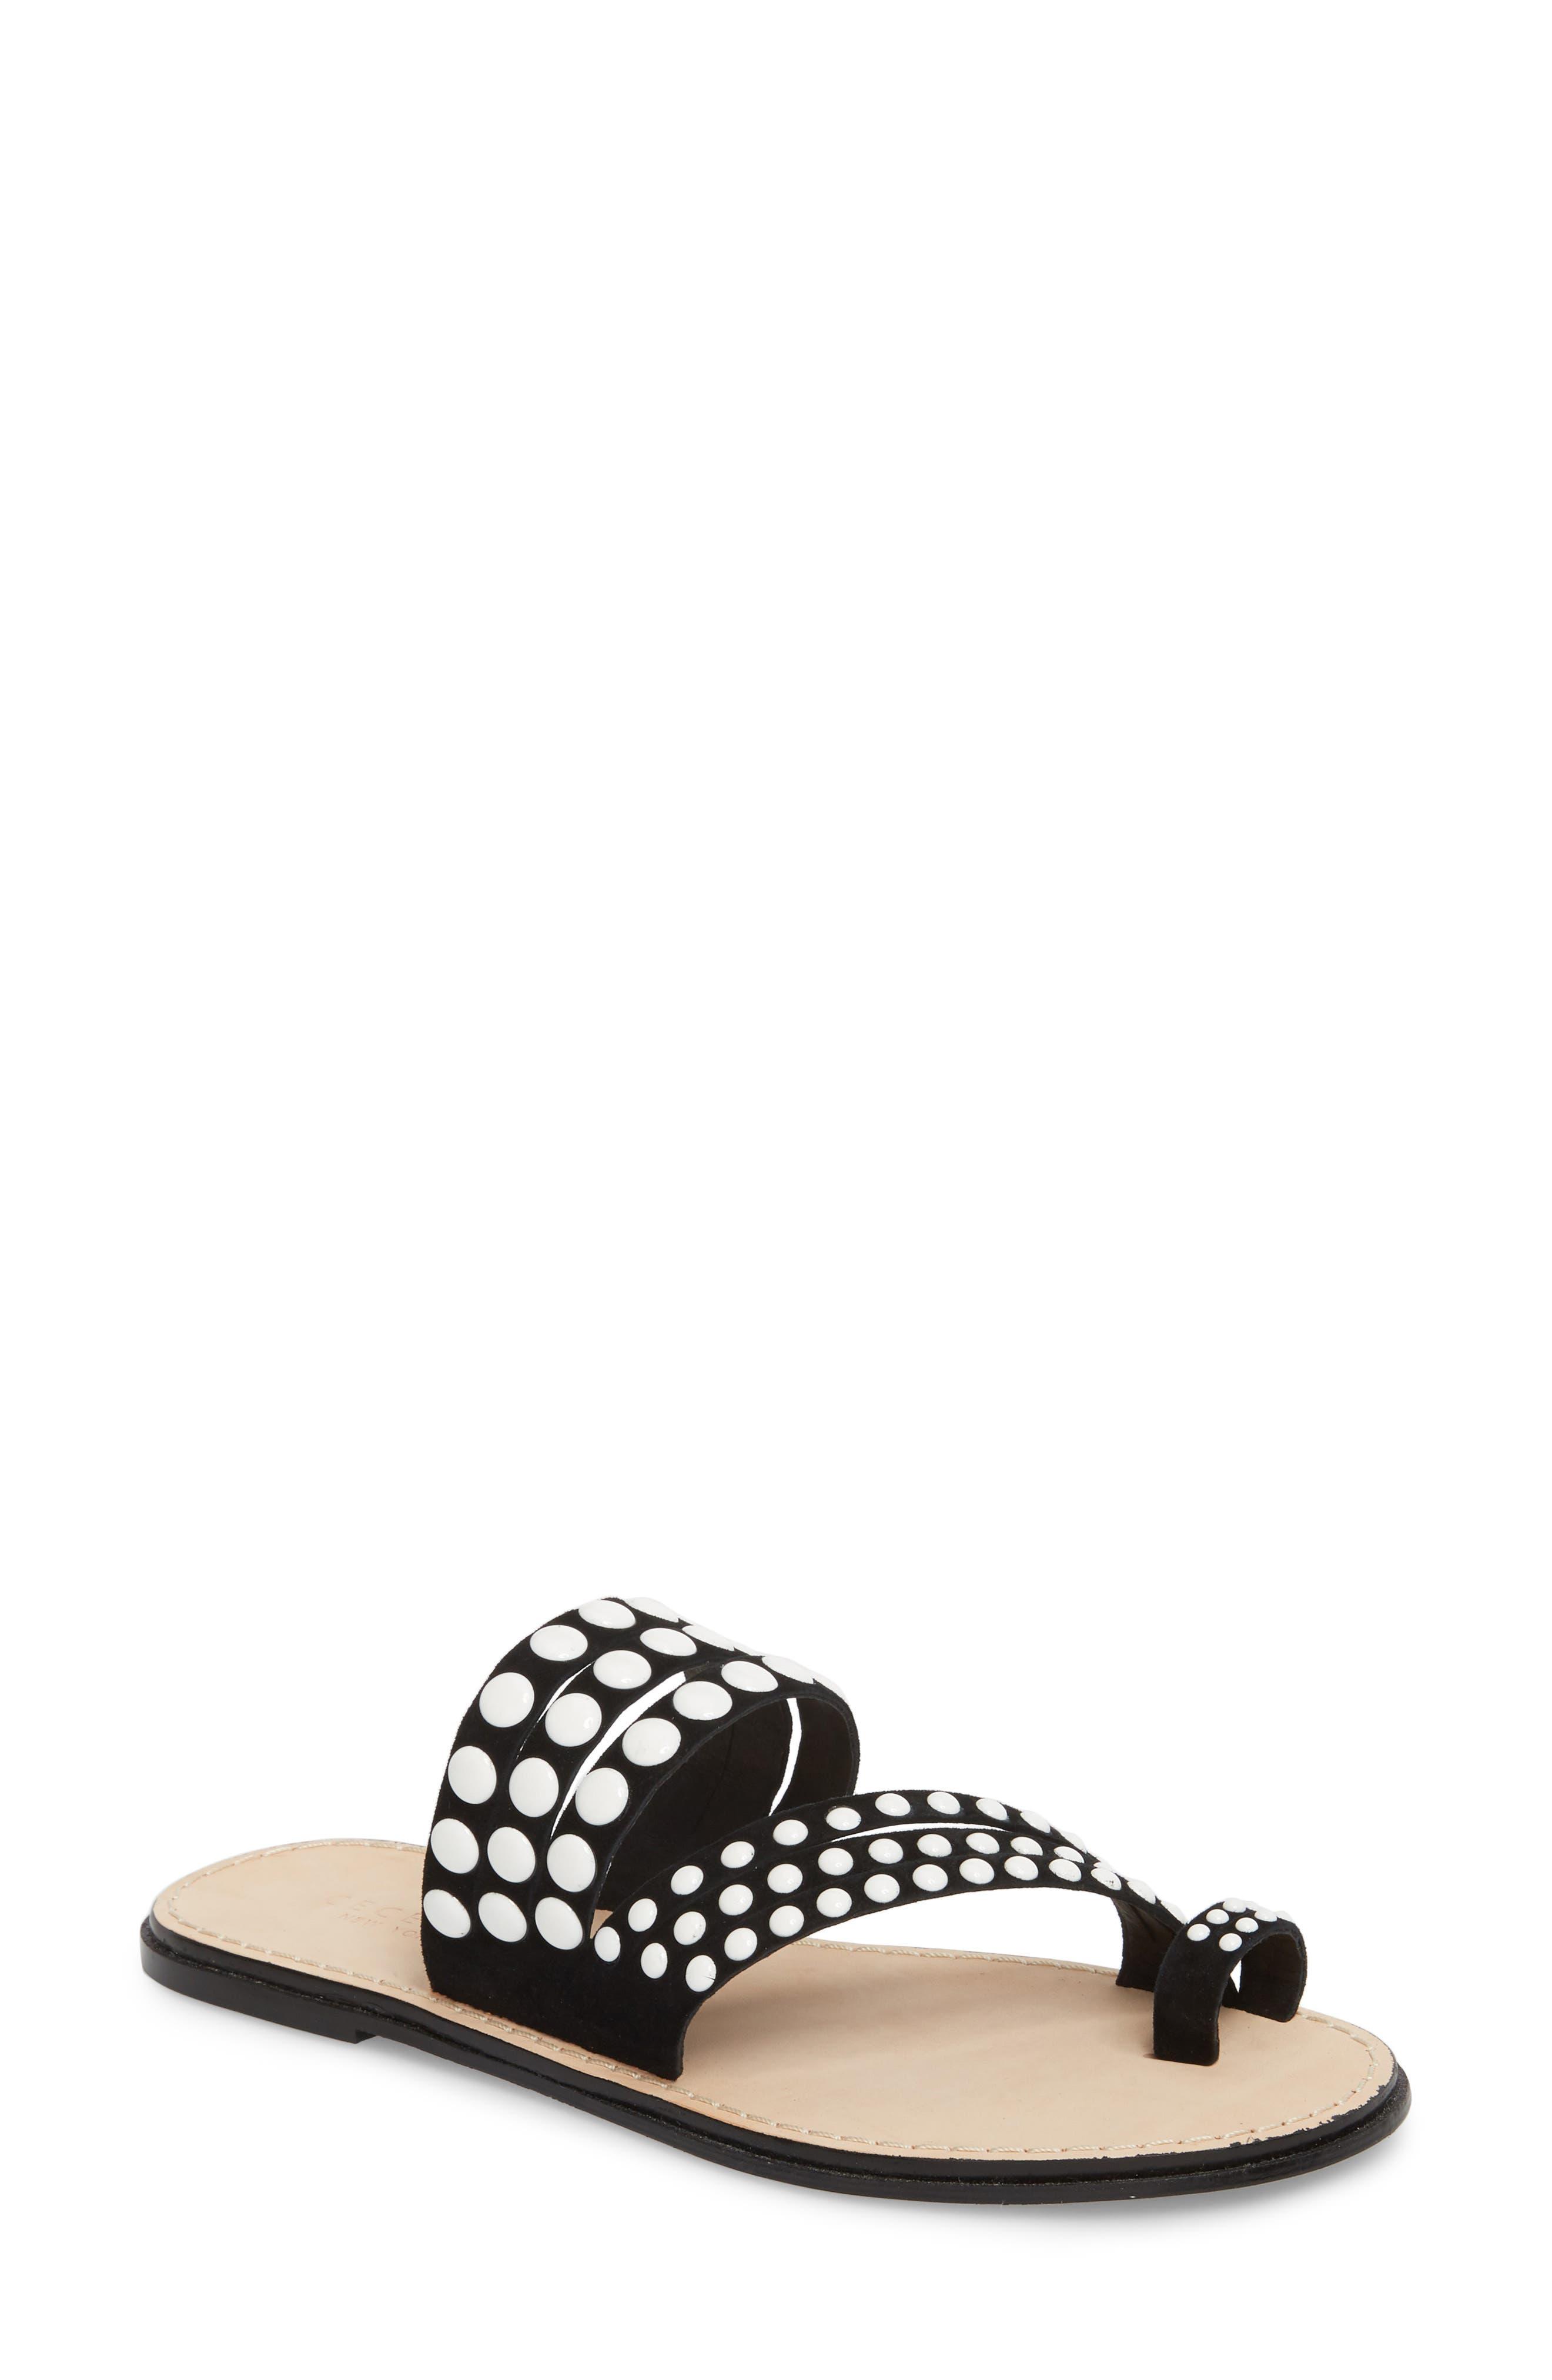 Pezz Studded Sandal,                             Main thumbnail 1, color,                             001